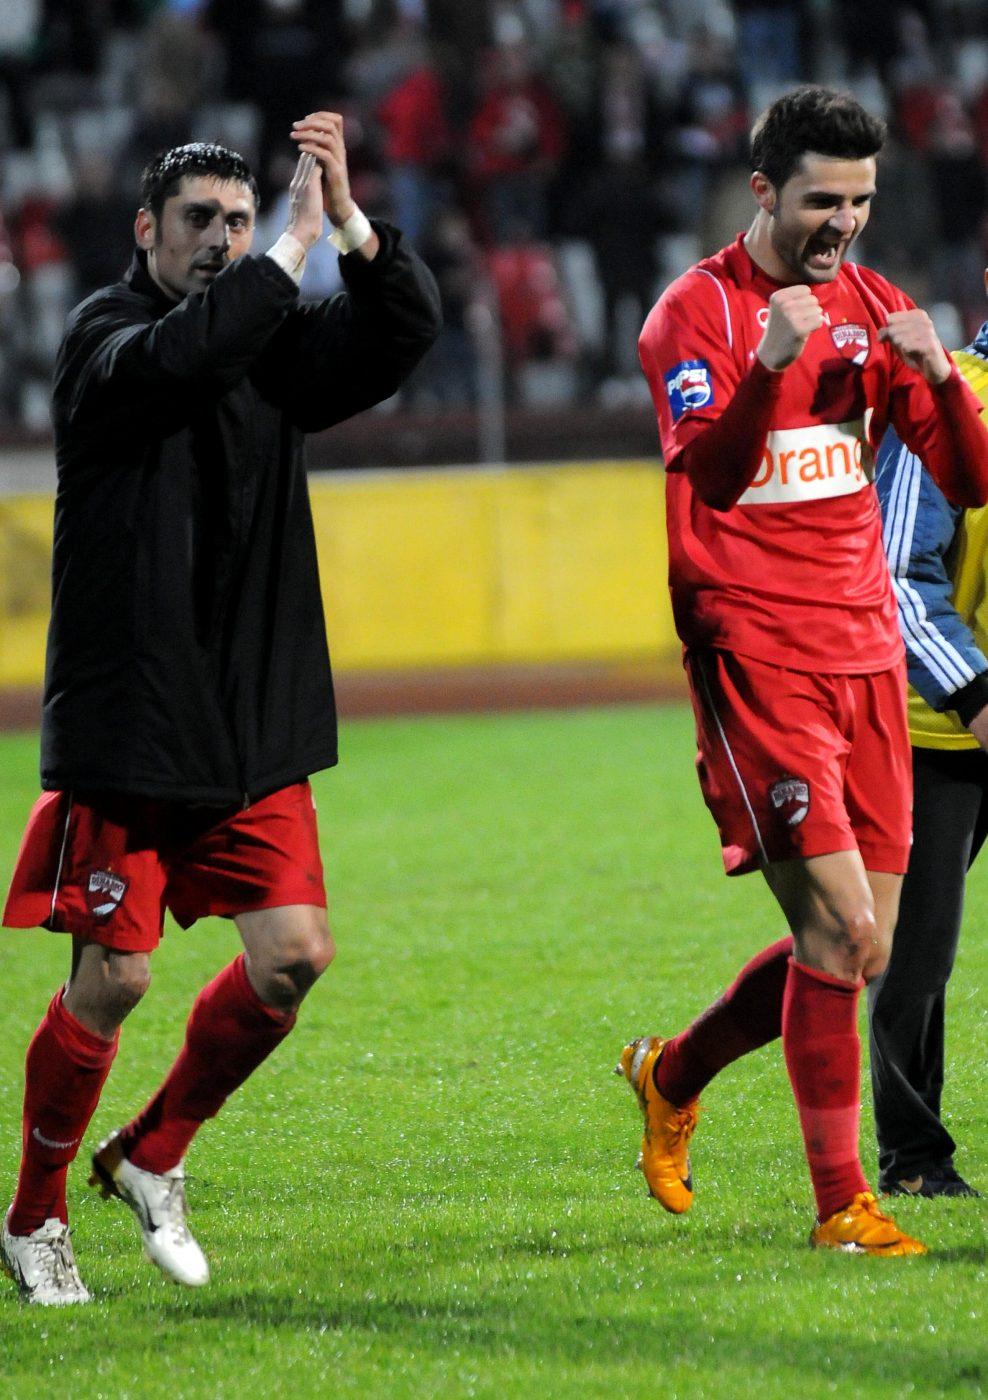 Danciulescu și Bratu (dreapta), fericiți după ce au marcat în victoria din 2008, împotriva Stelei